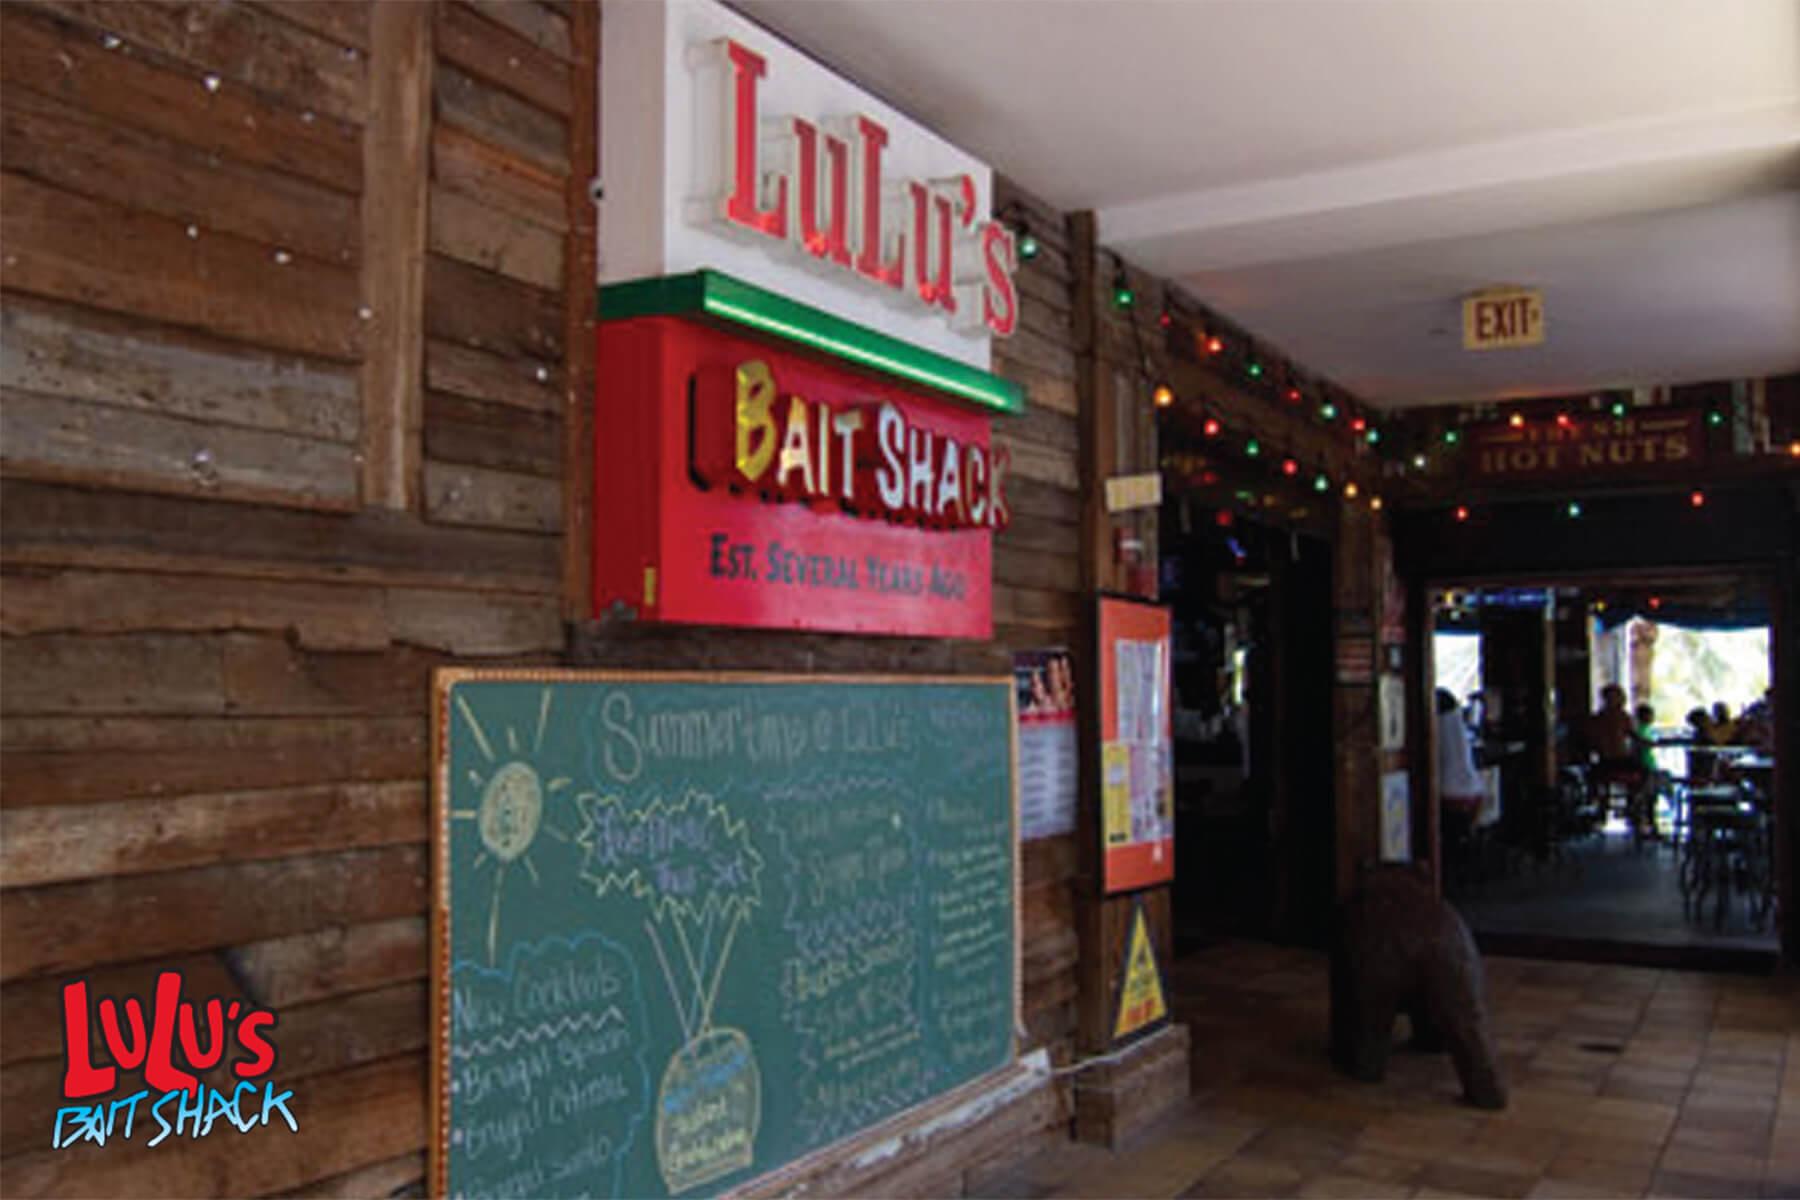 Lulu's Bait Shack - Ft. Lauderdale, FL